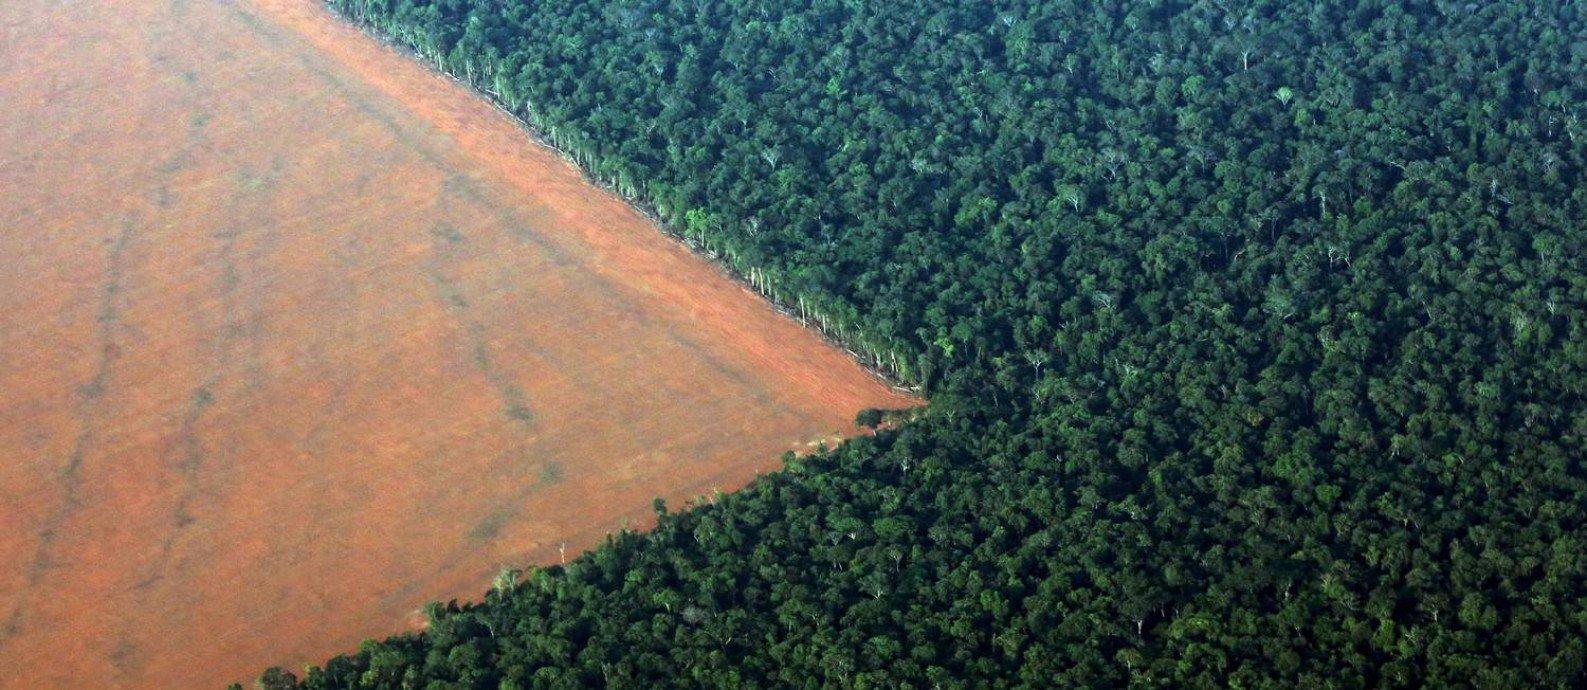 Desmatamento em junho na Amazônia cresce quase 60% em relação ao mesmo mês em 2018